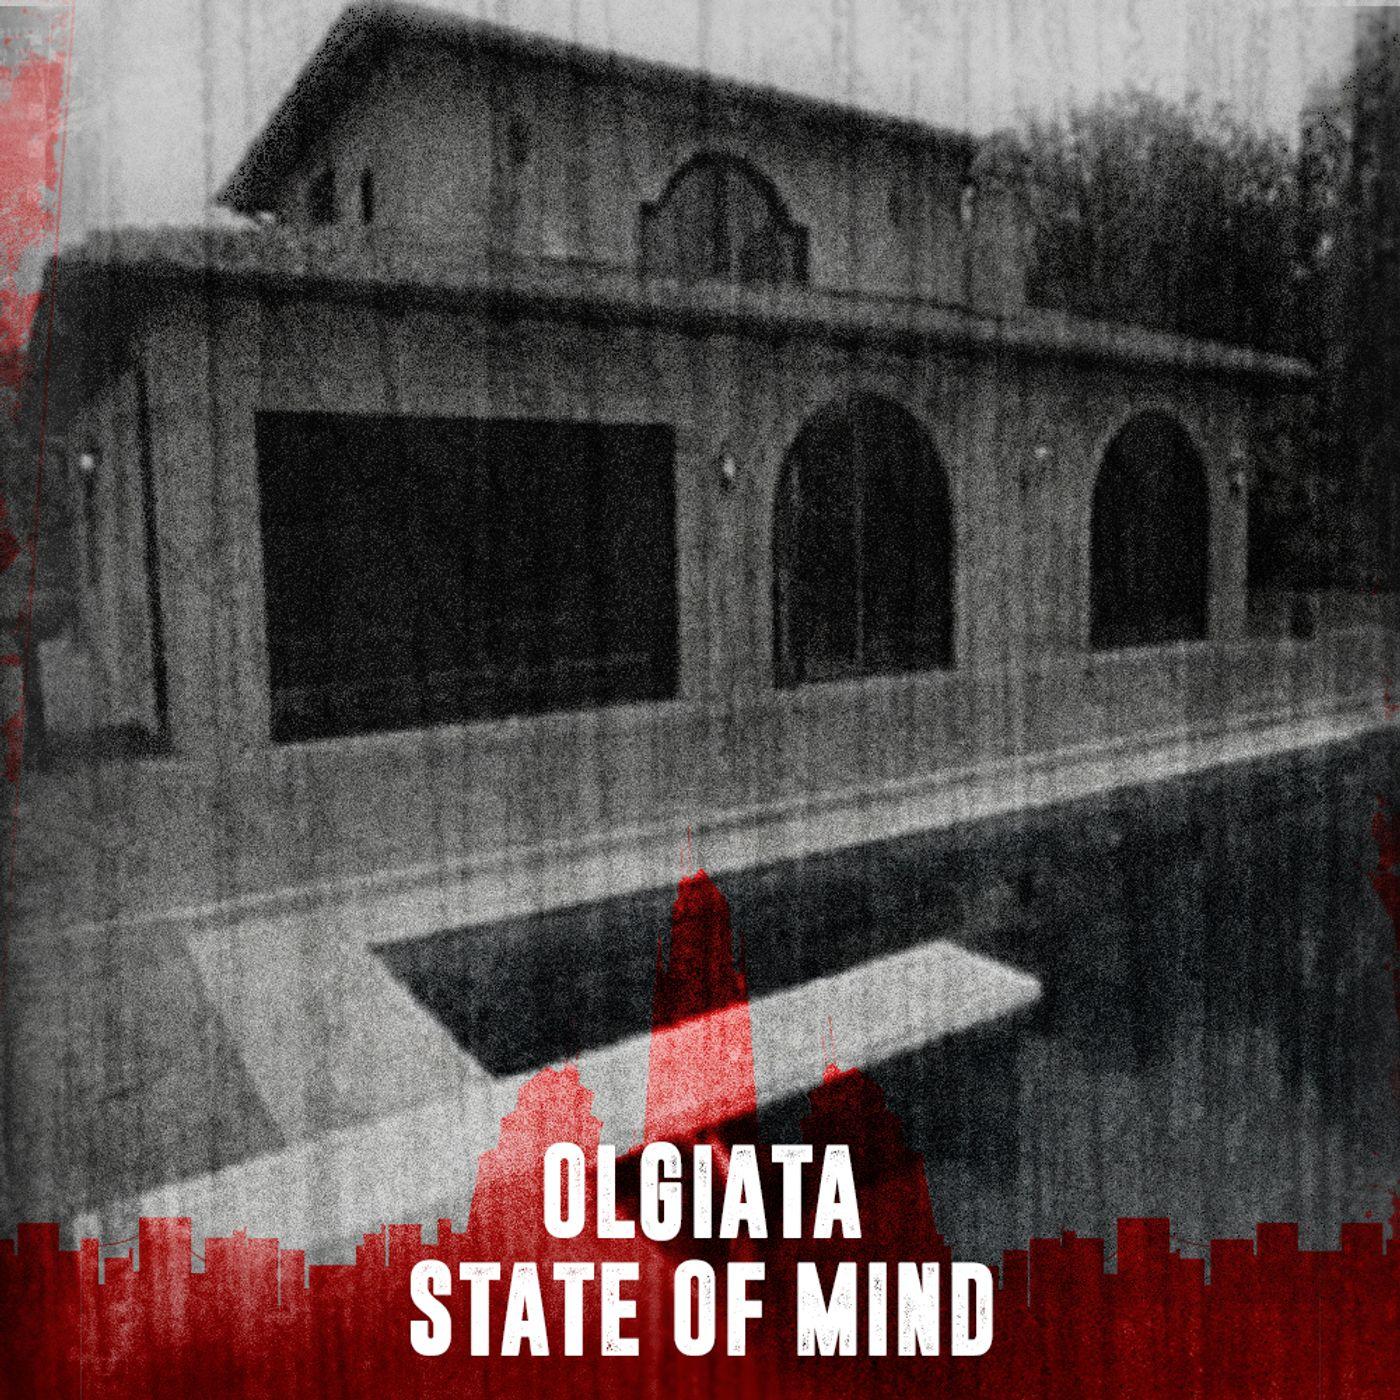 Olgiata State of Mind